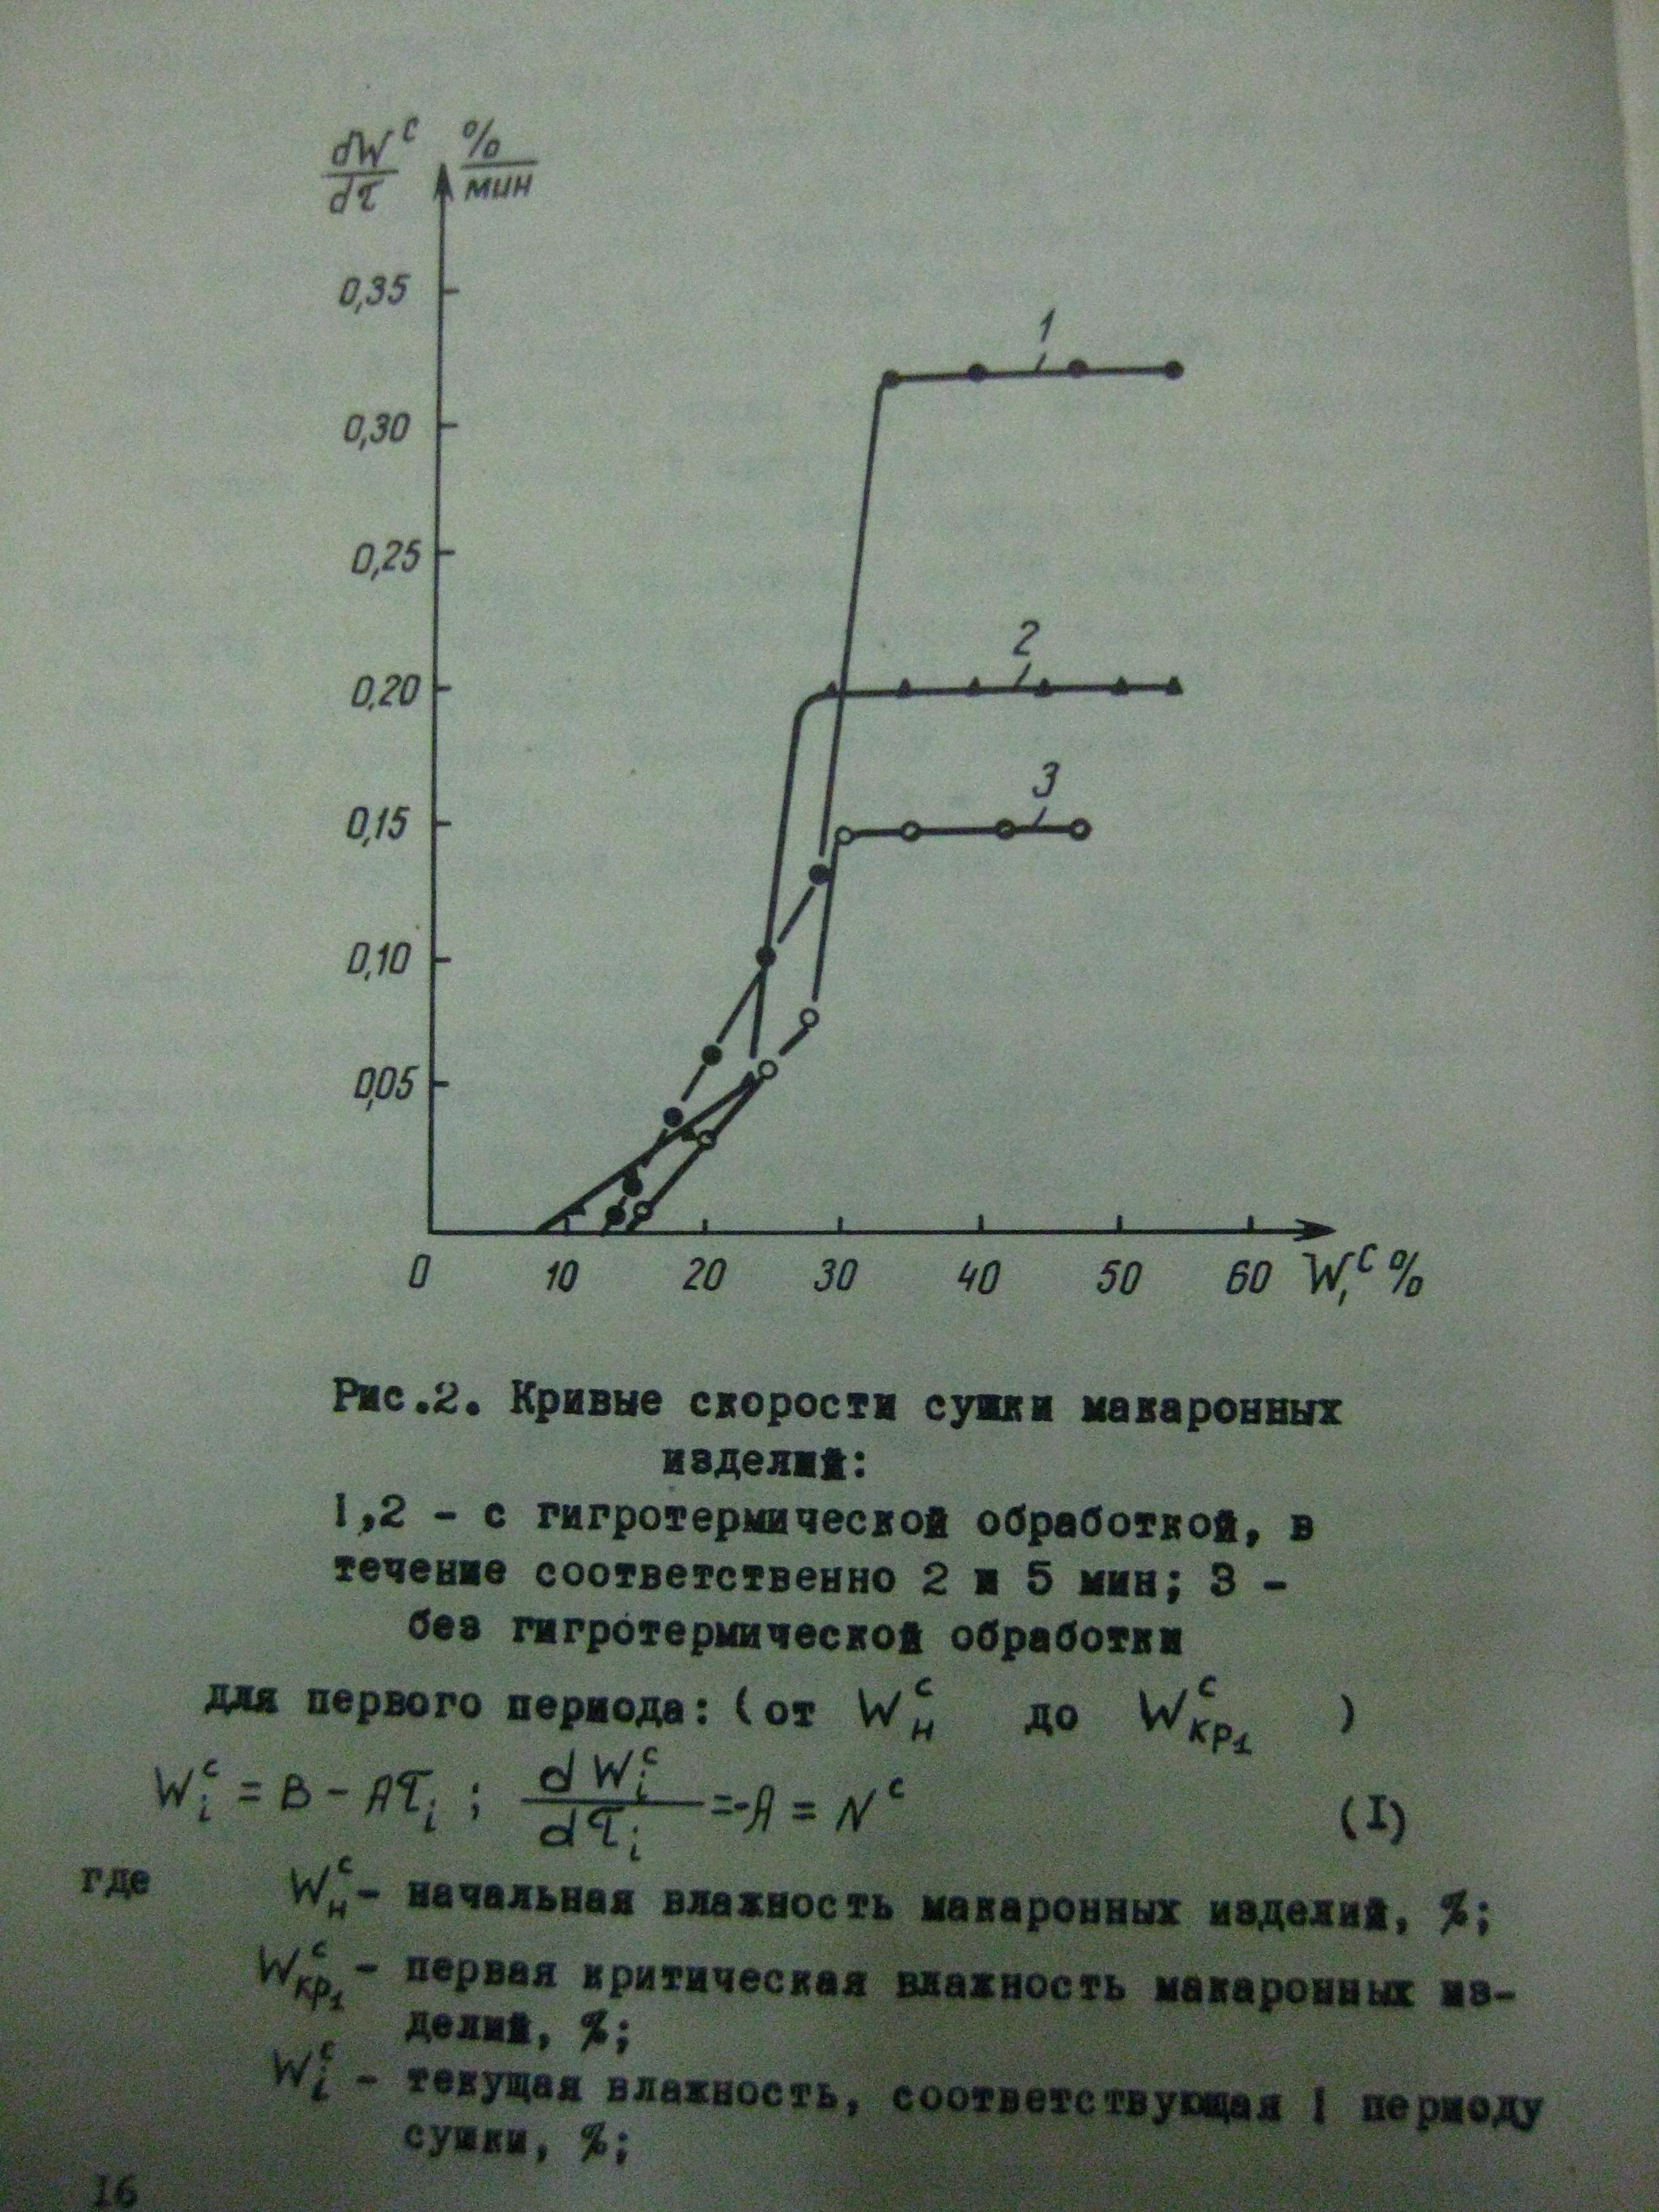 Интенсификация процесса сушки макаронных изделий